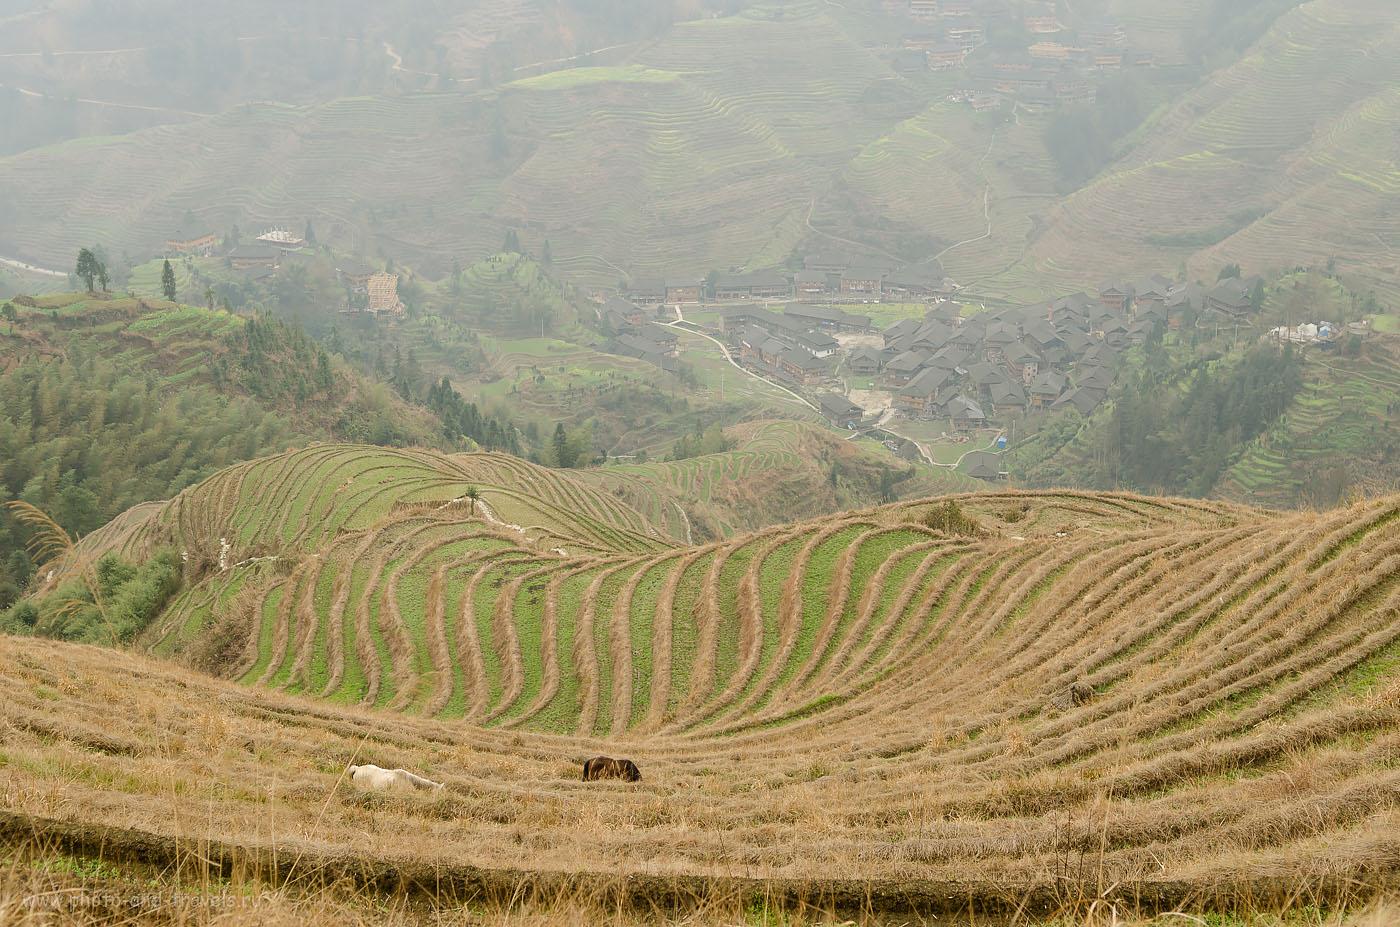 Фото 10. Рисовые террасы Longsheng Rice Terraces в Китае. Пасутся там не только коровы, но и кони